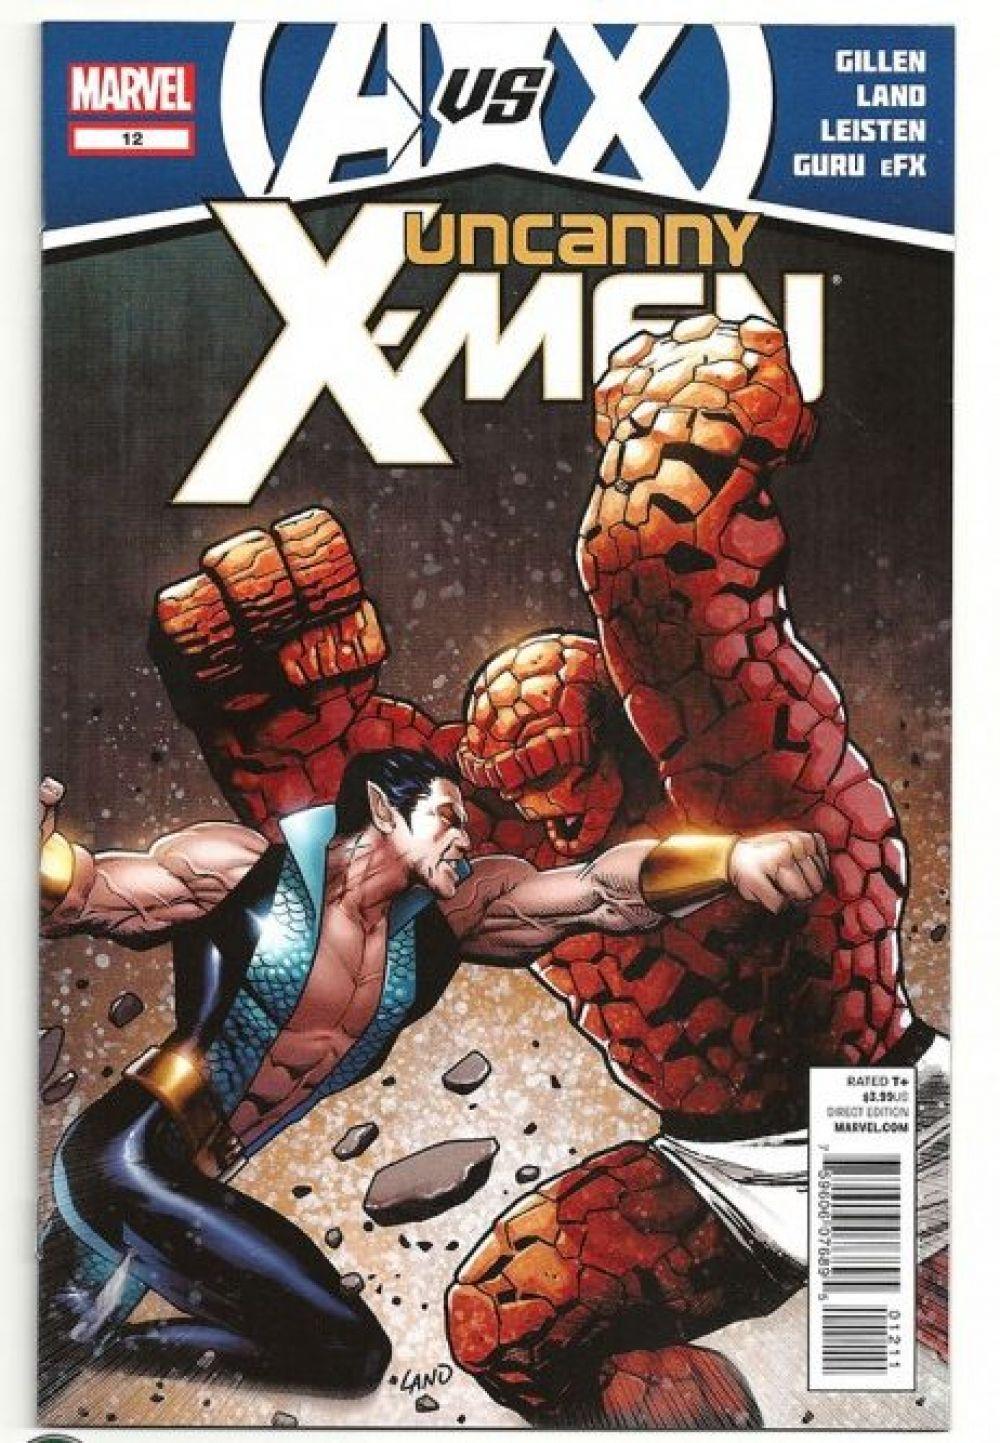 Uncanny X Men Vol 2 12 In 2020 Marvel Marvel Comic Character Comics